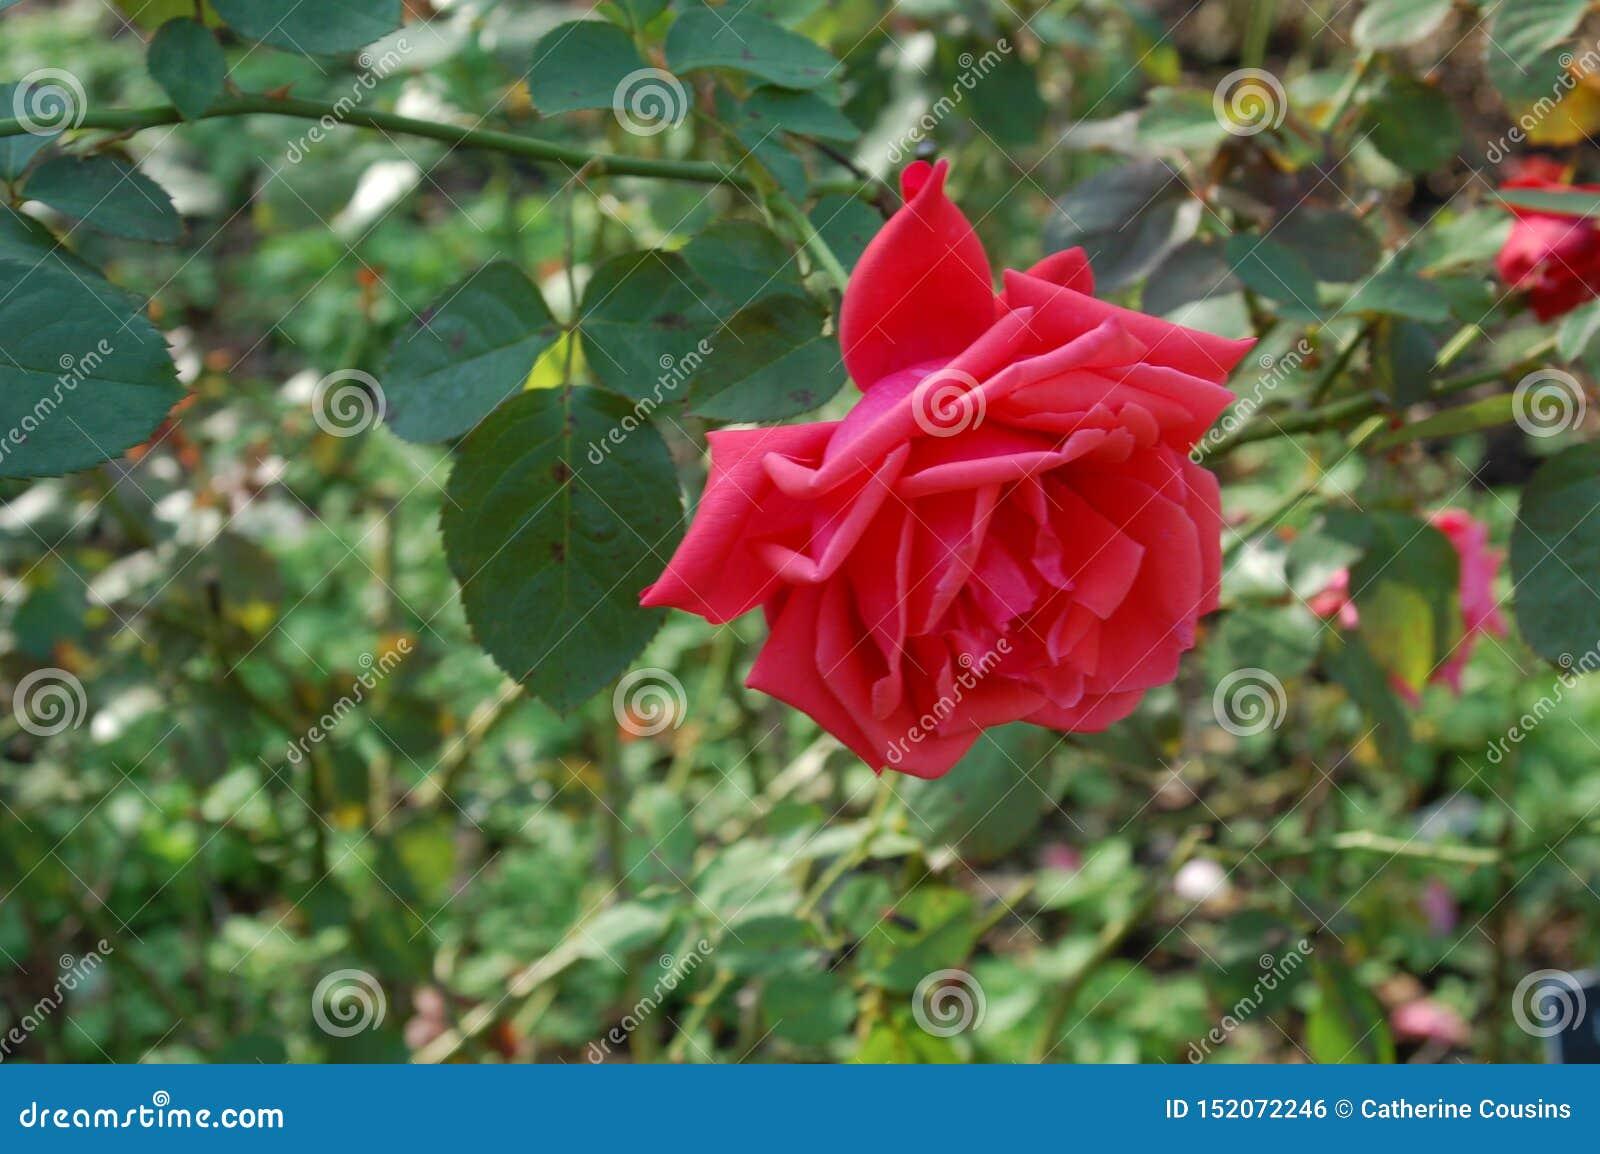 Enkelt skott av en mörk rosa ros